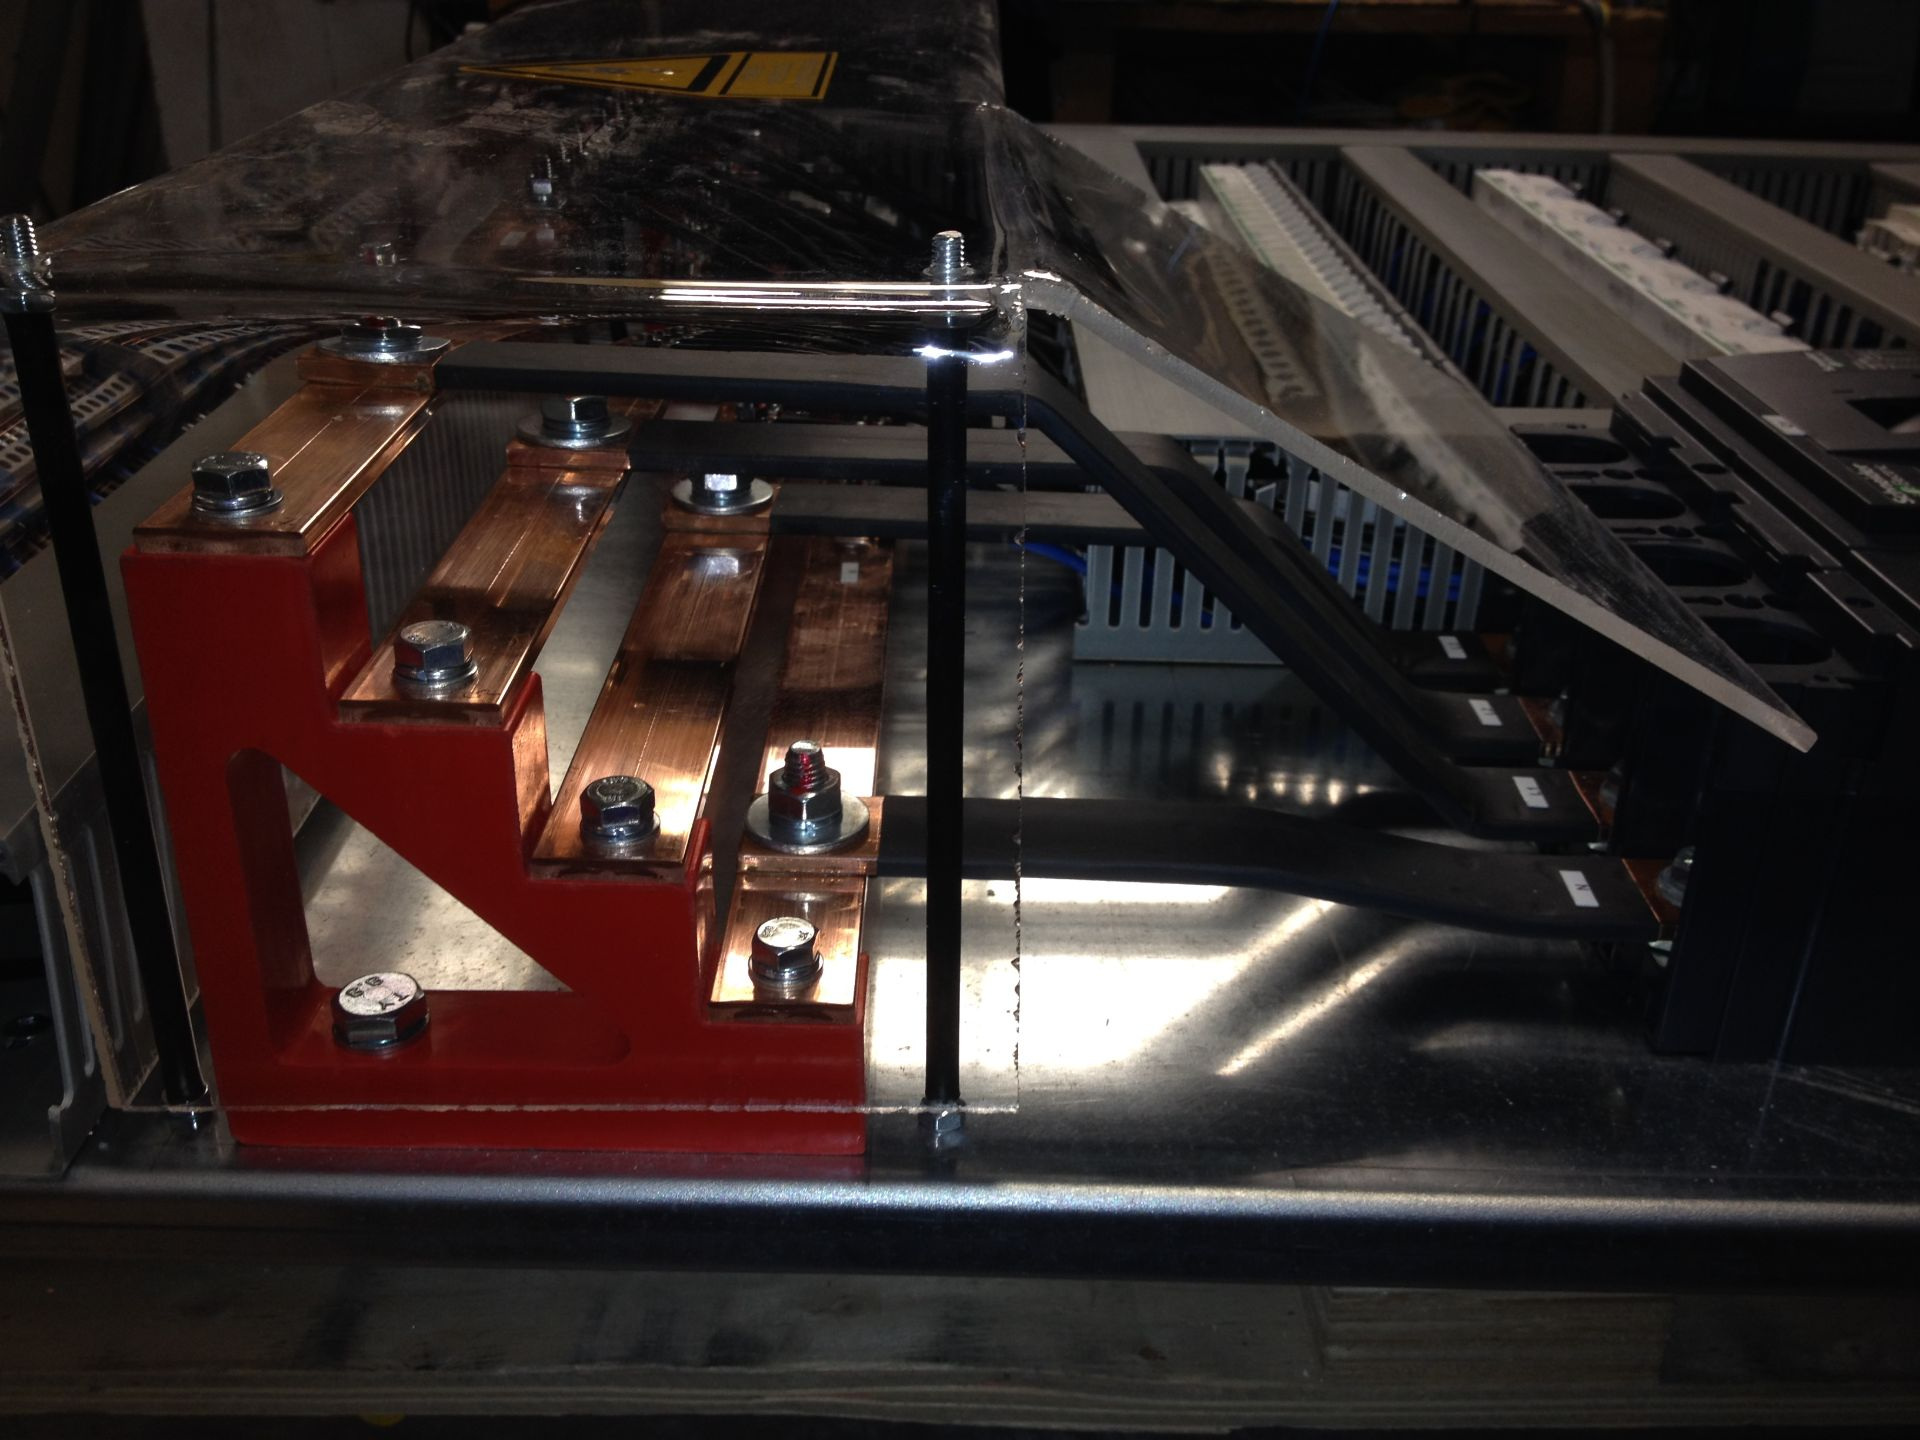 Tablouri electrice și automatizări IMG 5521